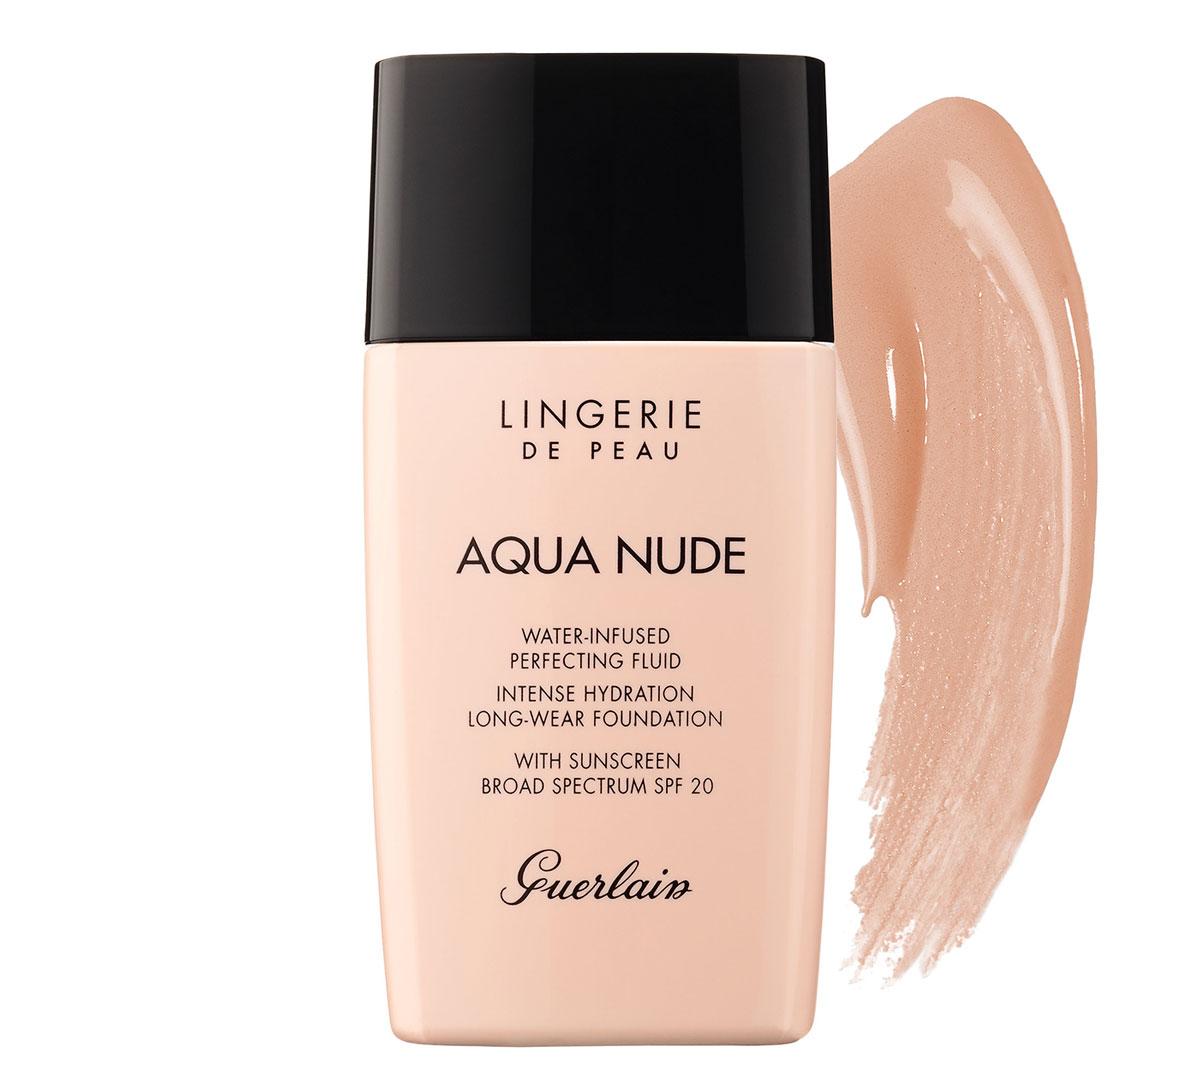 Lingerie de Peau Aqua Nude